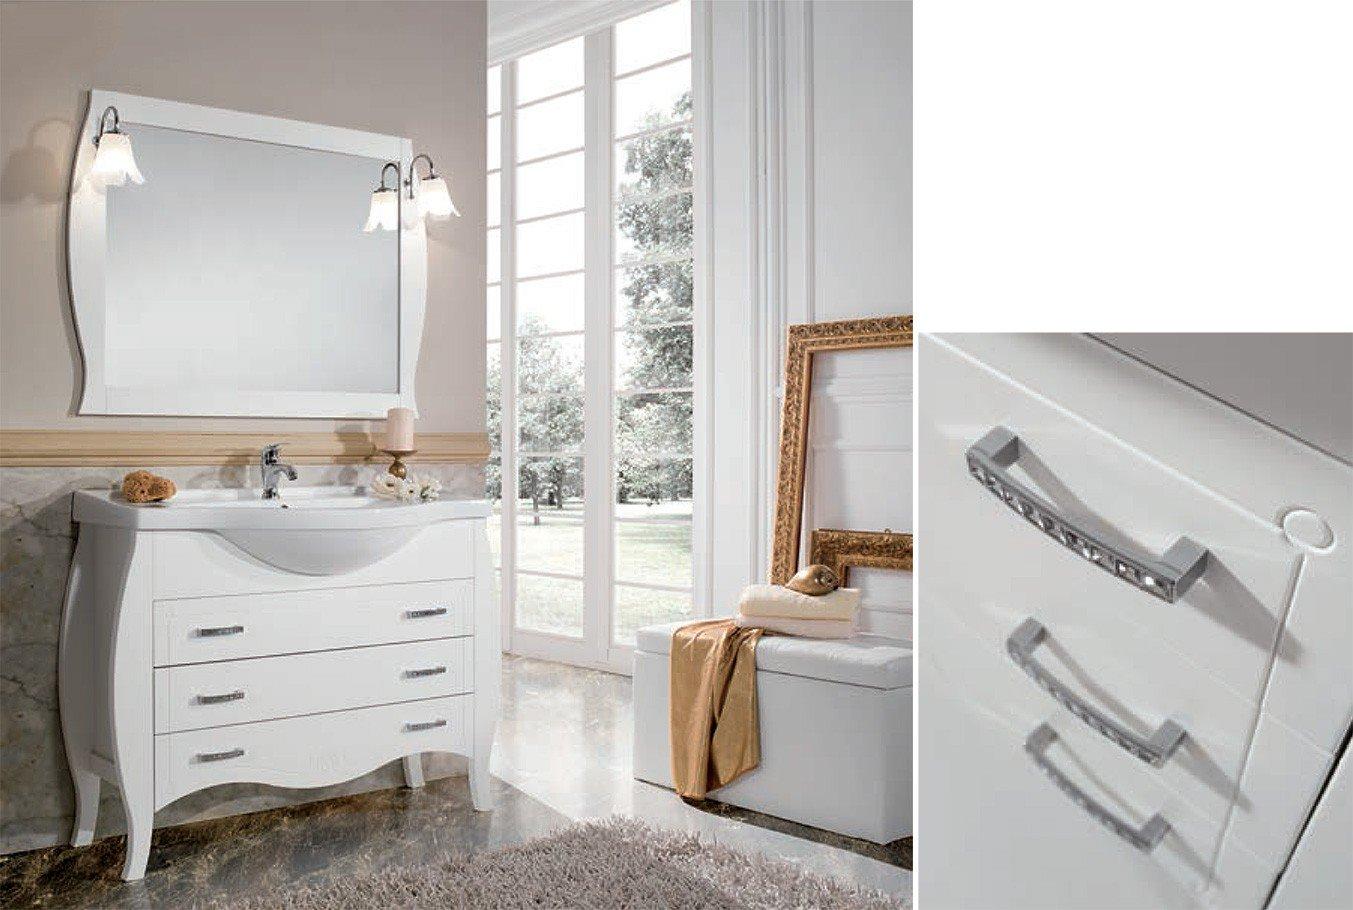 Mobili da bagno su misura torino arredo bagno idee per for Fabbrica mobili torino